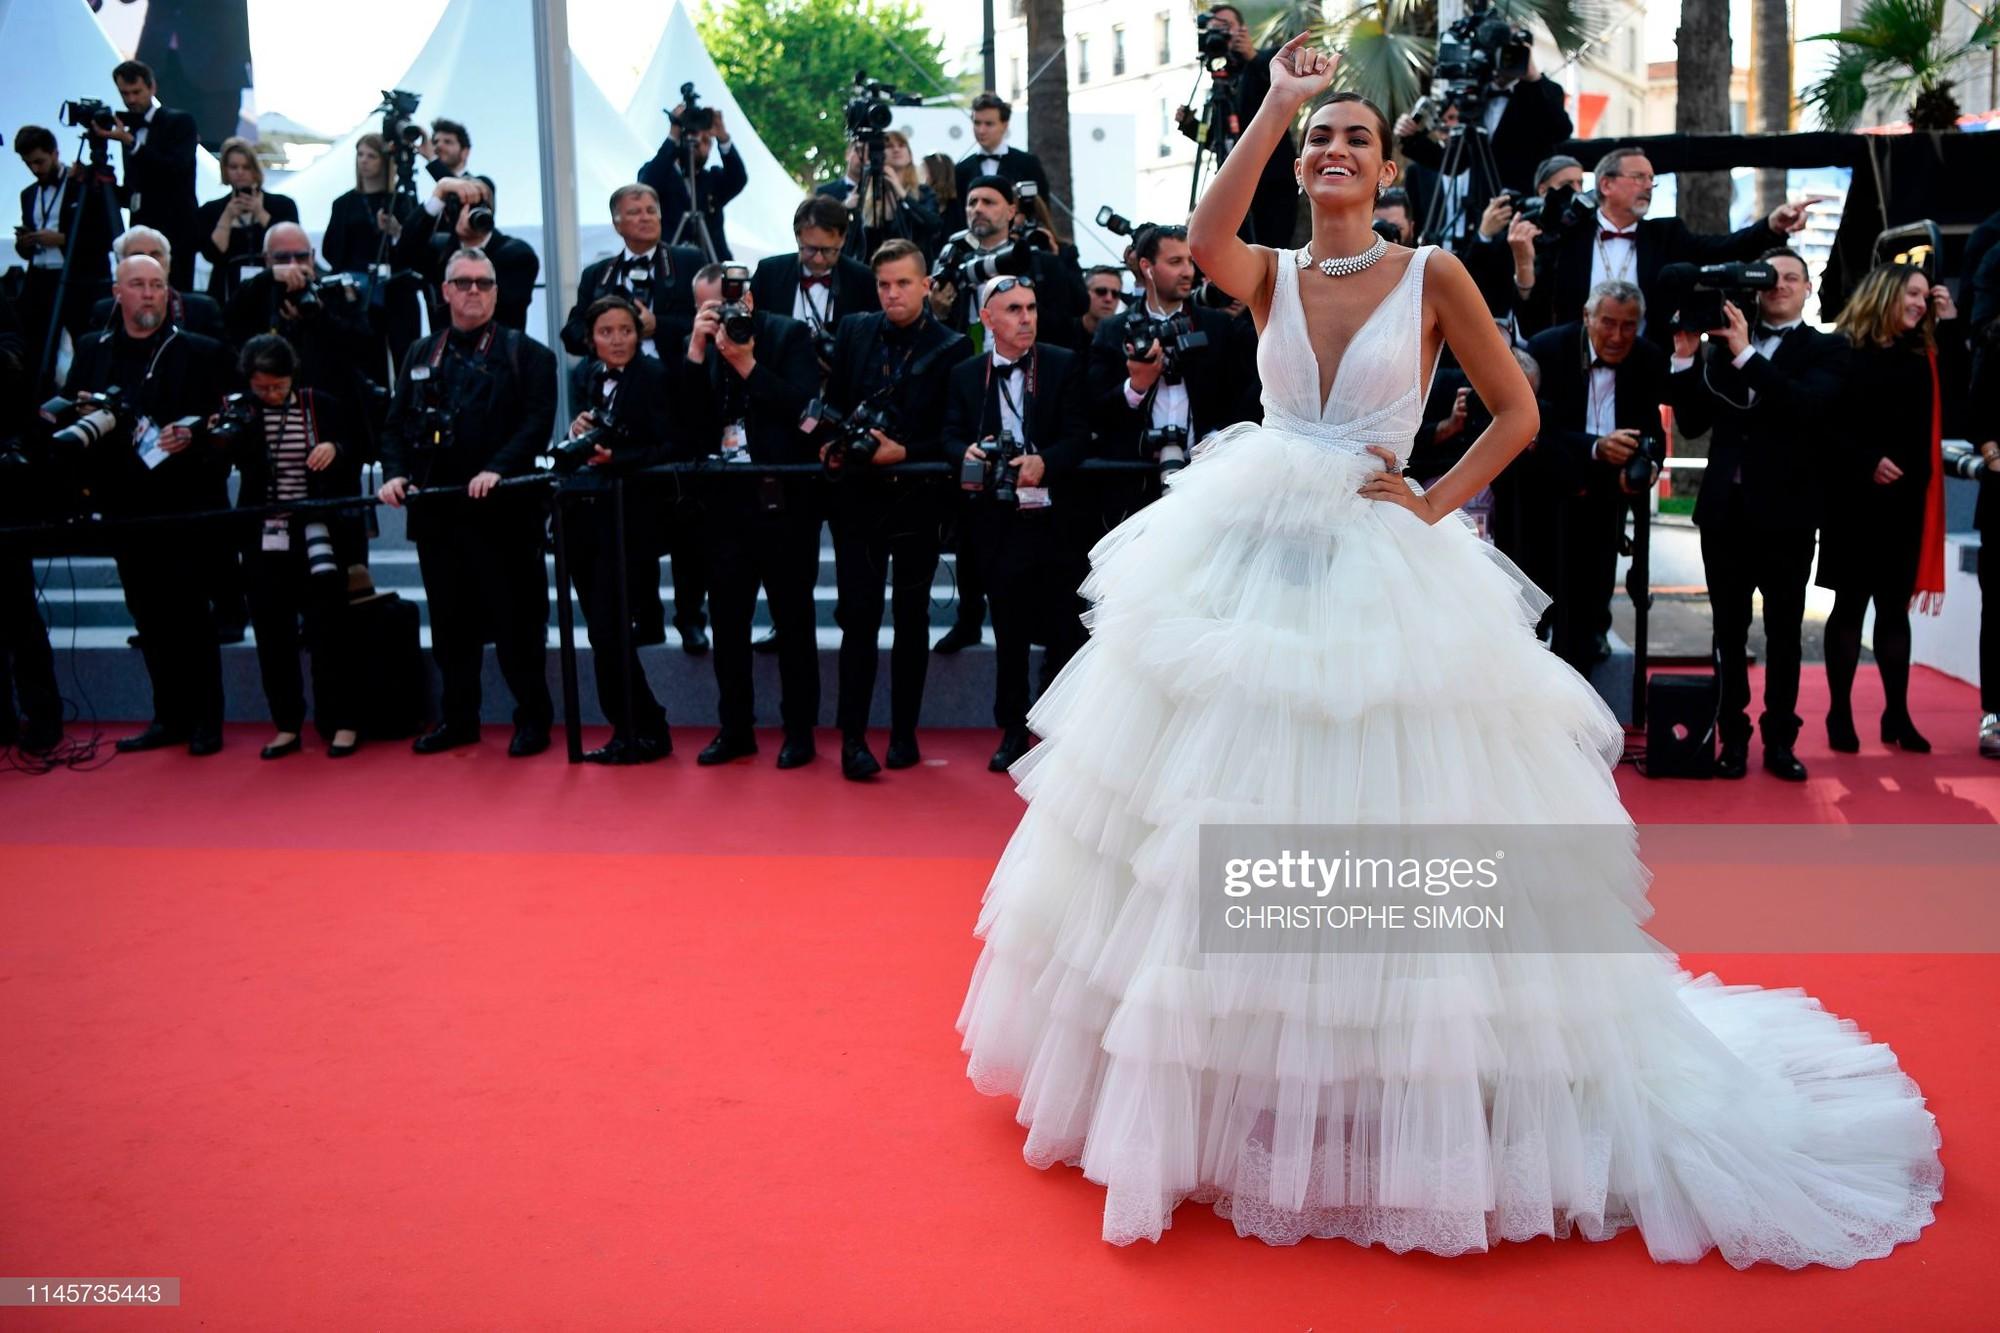 Thảm đỏ Cannes ngày 10: Các người đẹp thả rông ngực, cố tình làm trò lố vẫn bị truyền thông ngó lơ - Ảnh 12.